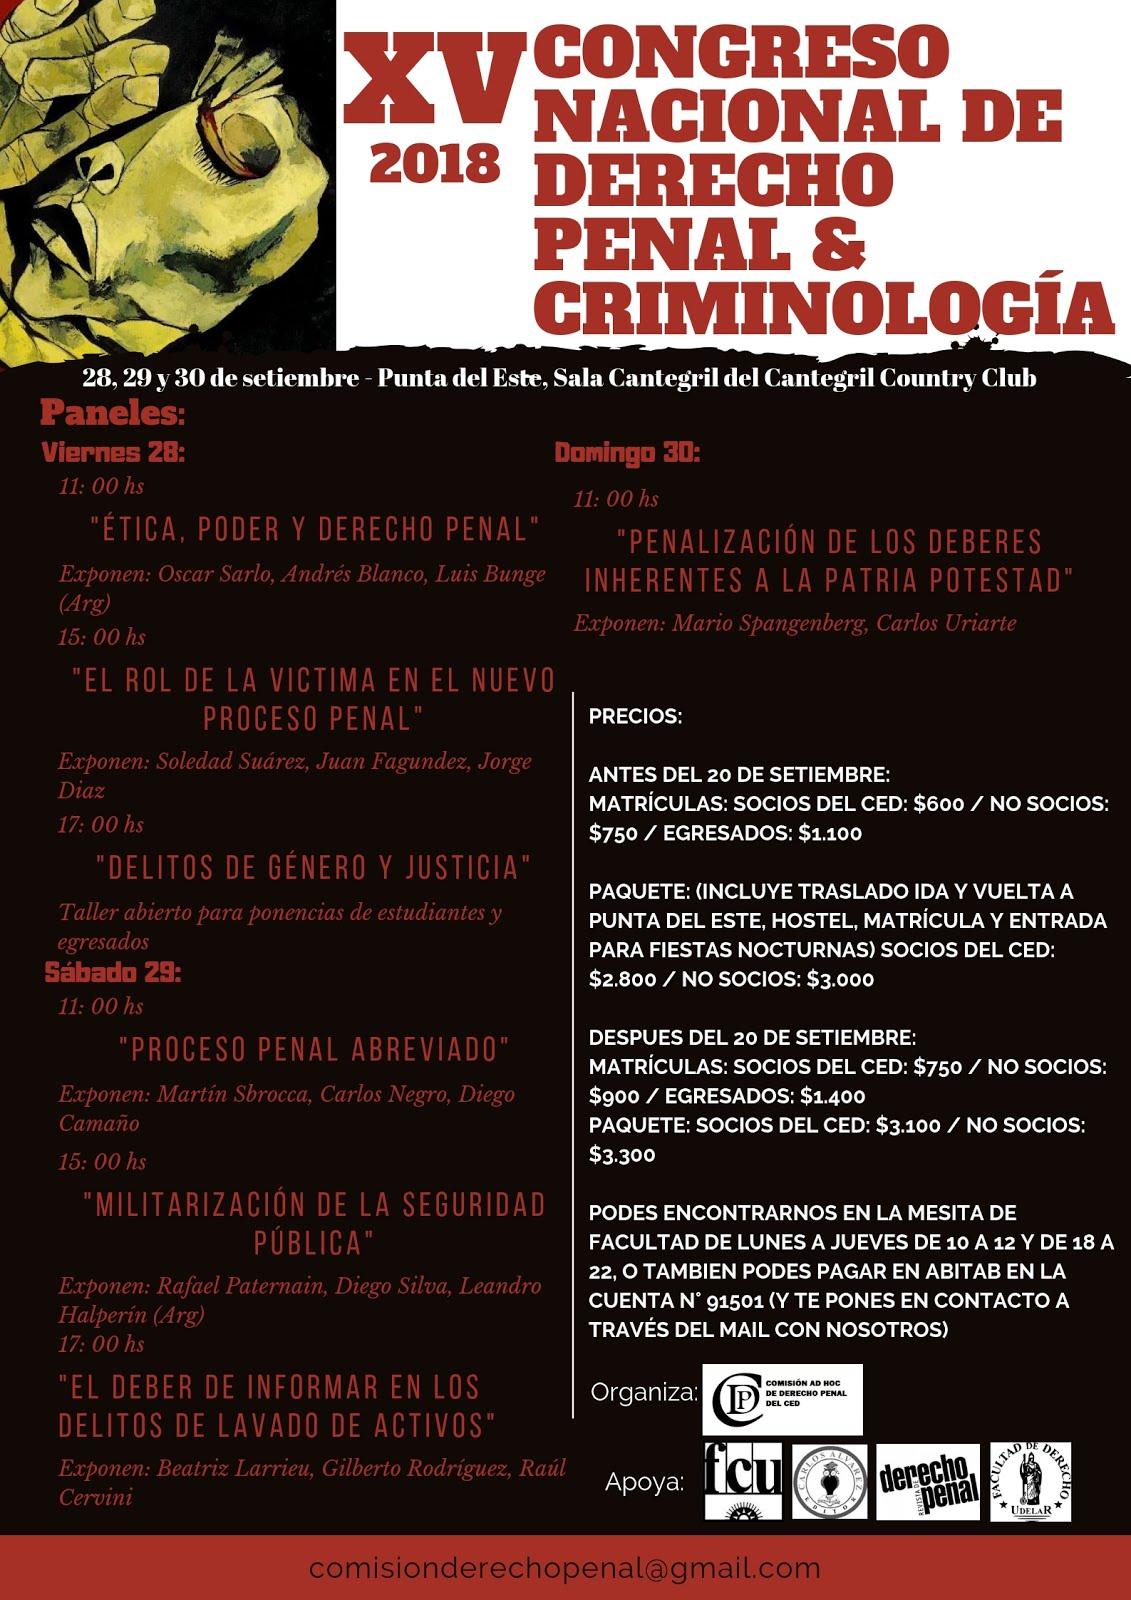 XV Congreso Nacional de Derecho Penal & Criminología